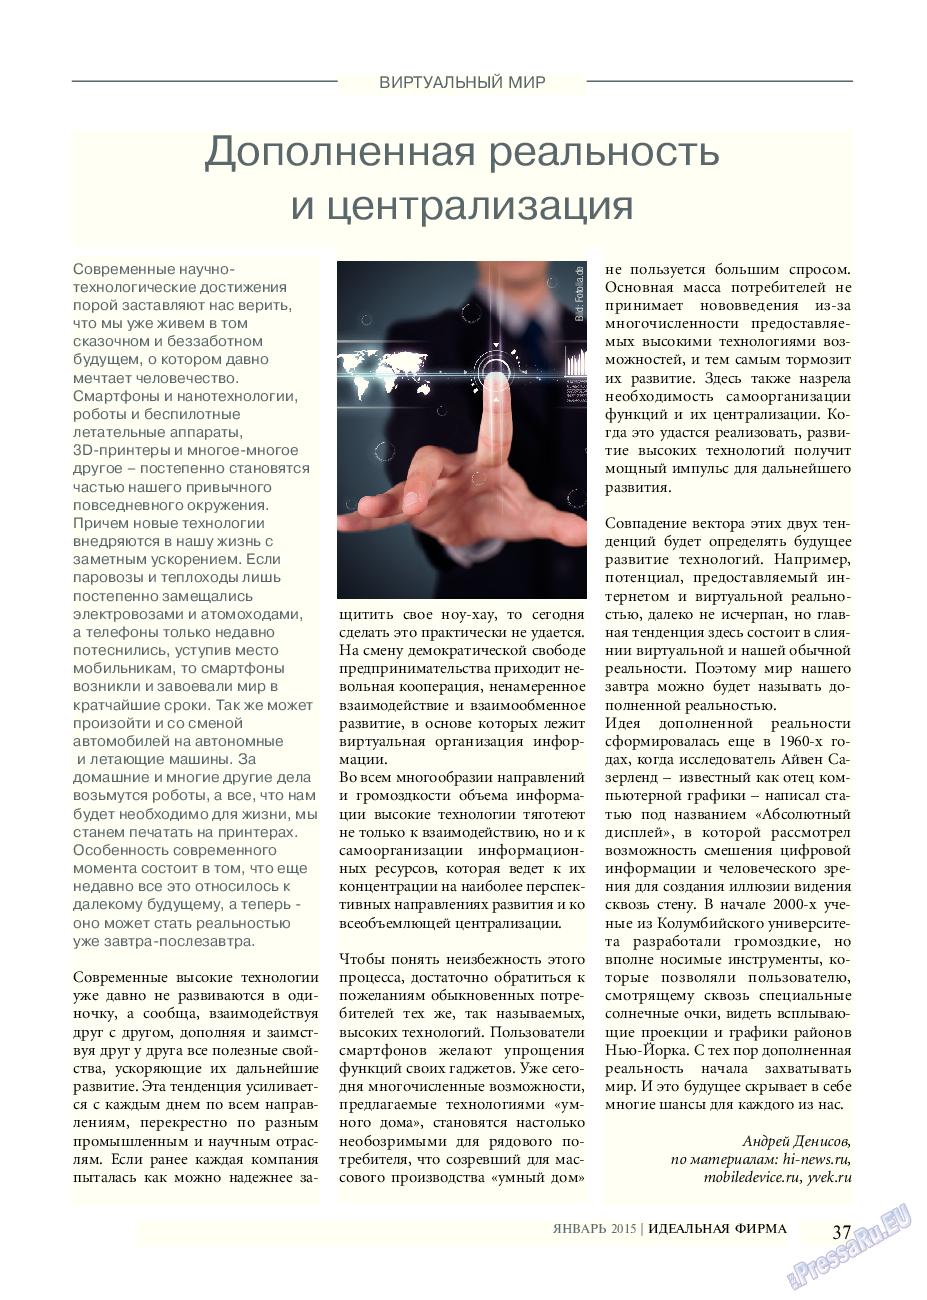 Идеальная фирма (журнал). 2015 год, номер 1, стр. 37